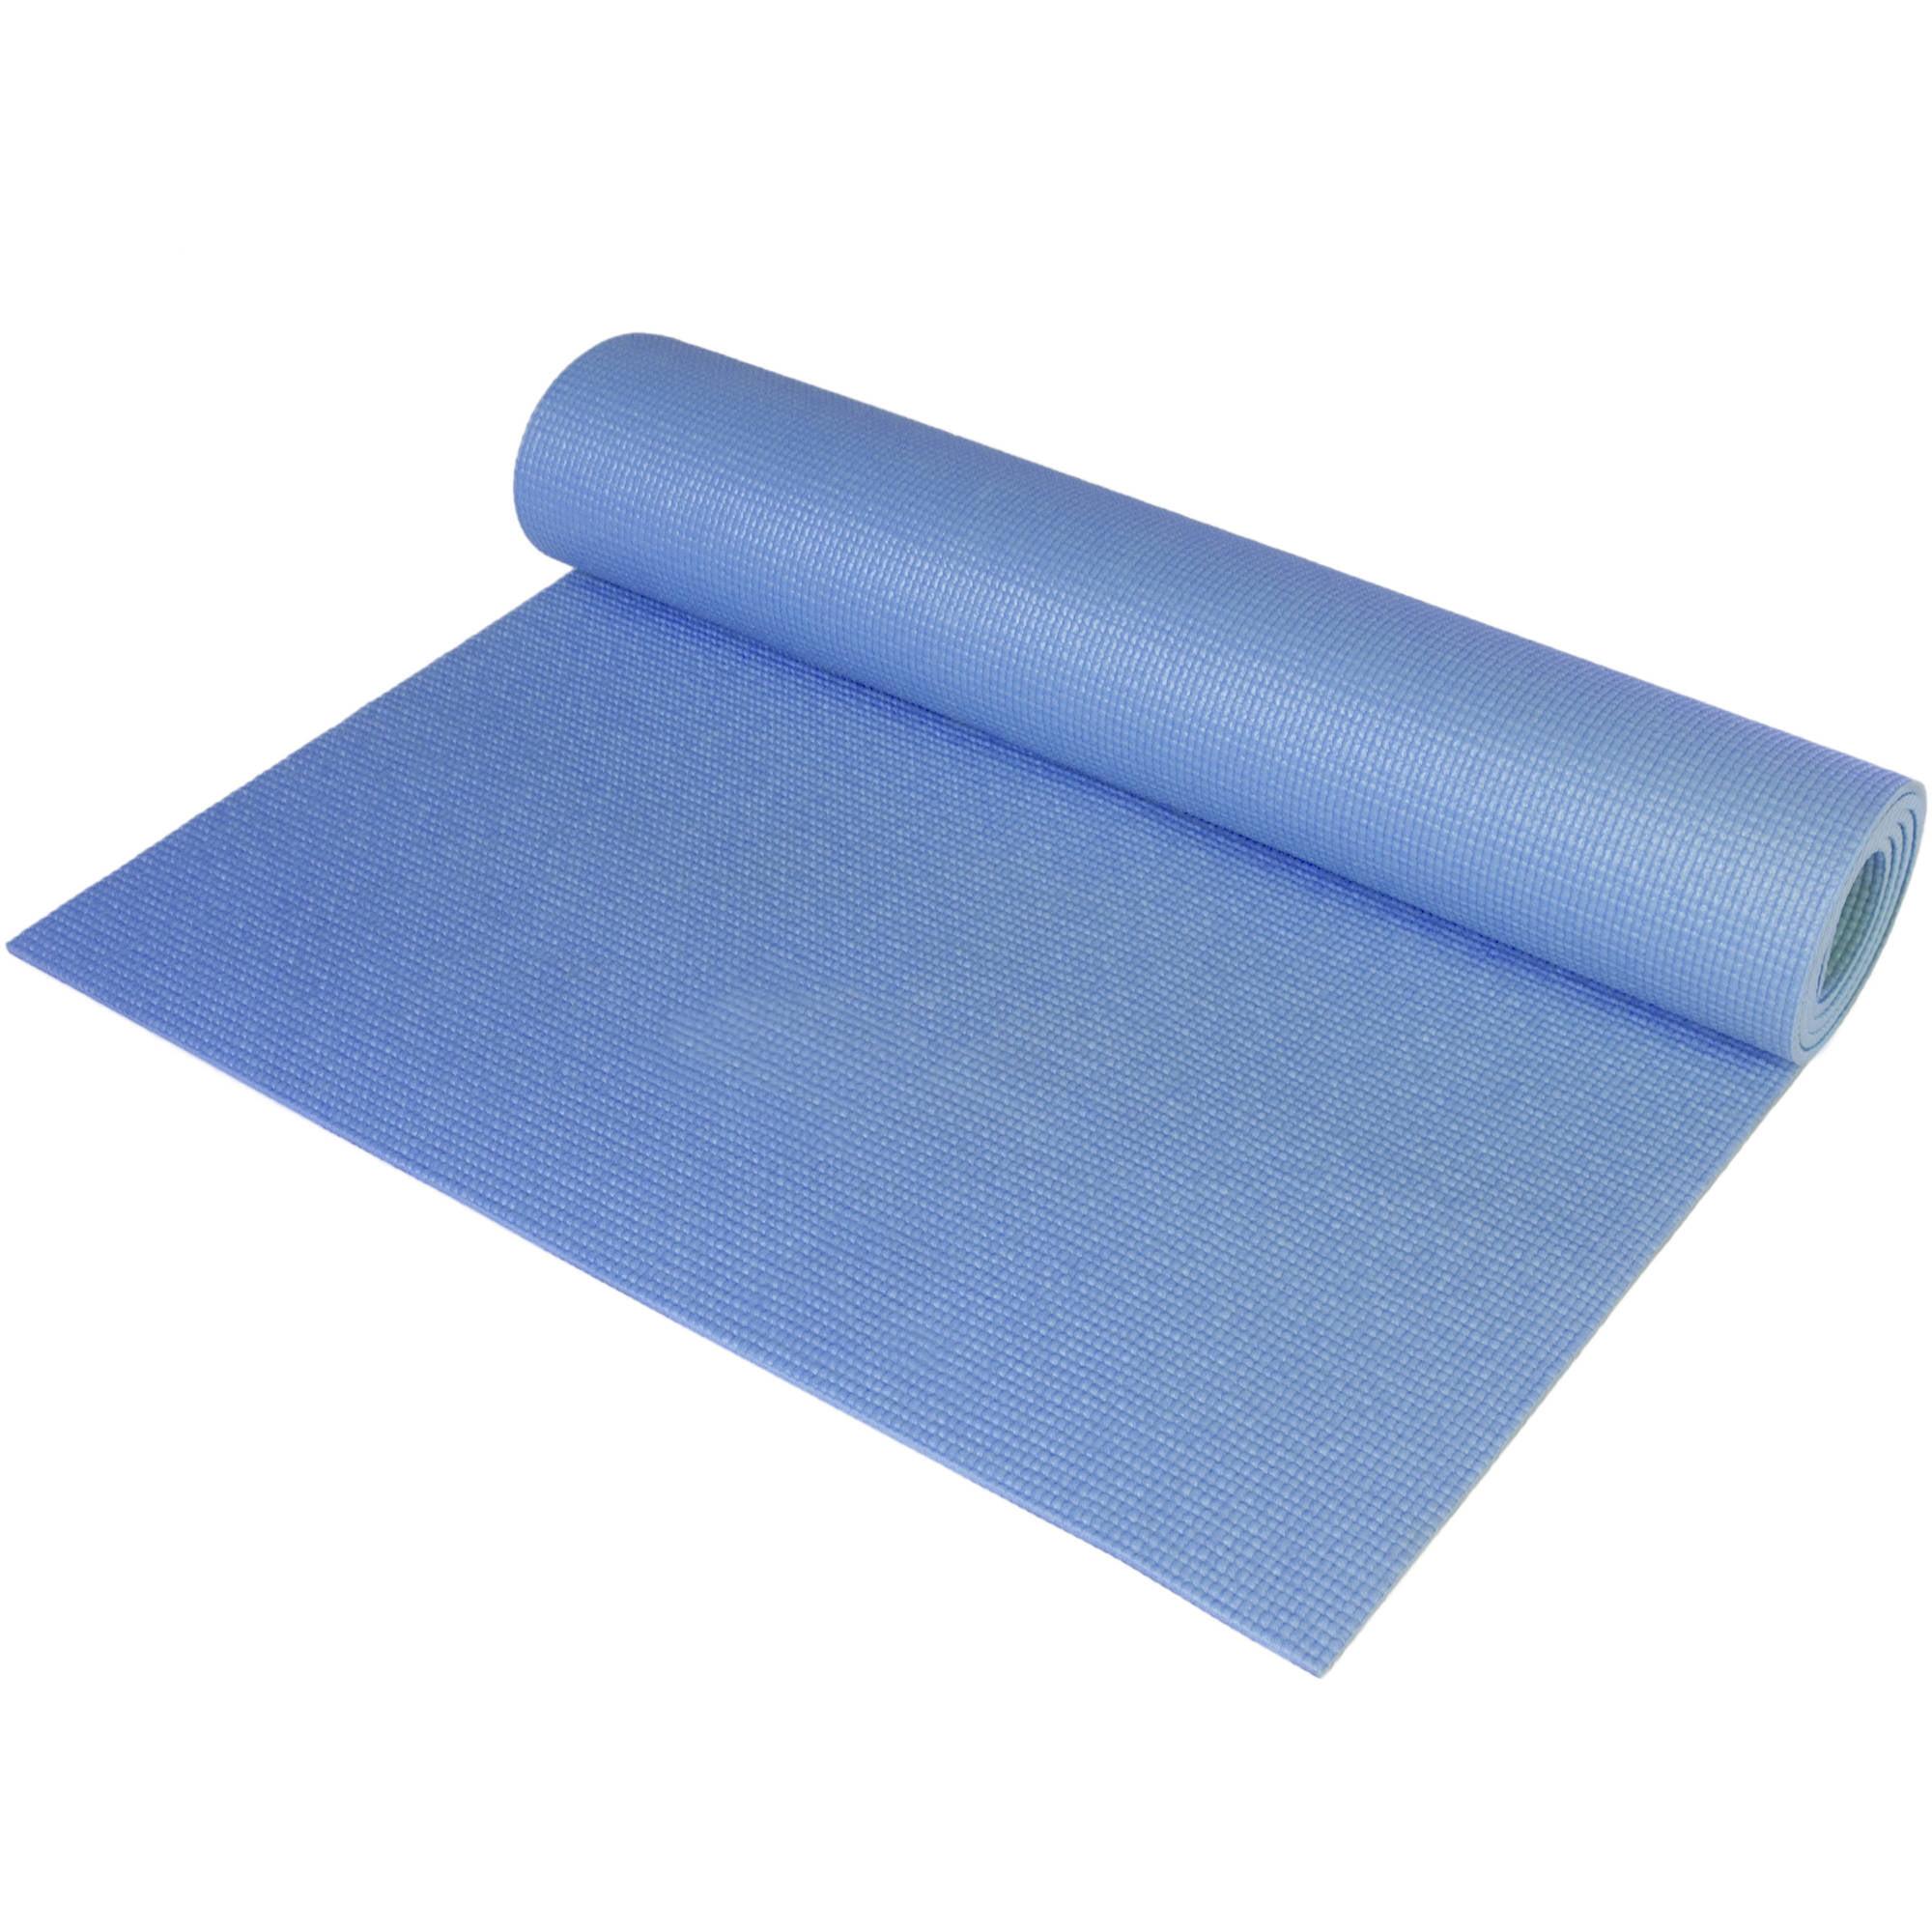 CAP Fitness Yoga Mat, 3 mm, Blue